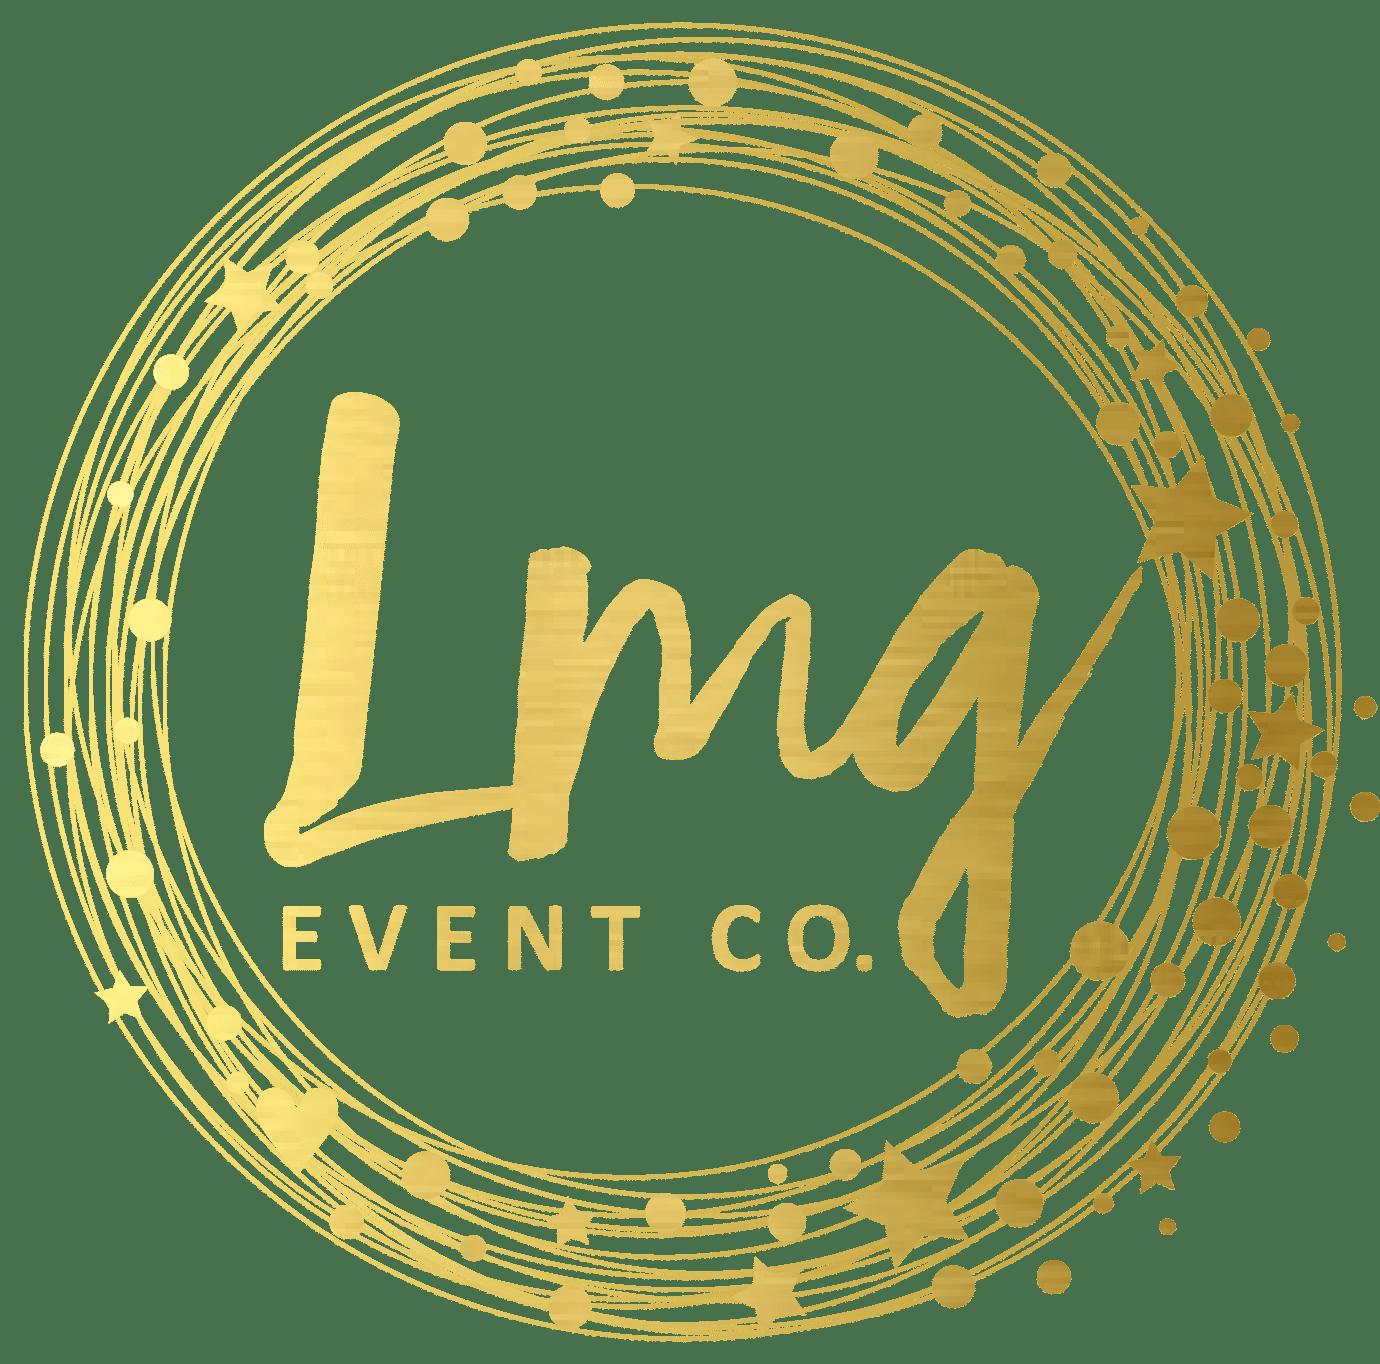 LMG Event Co Logo